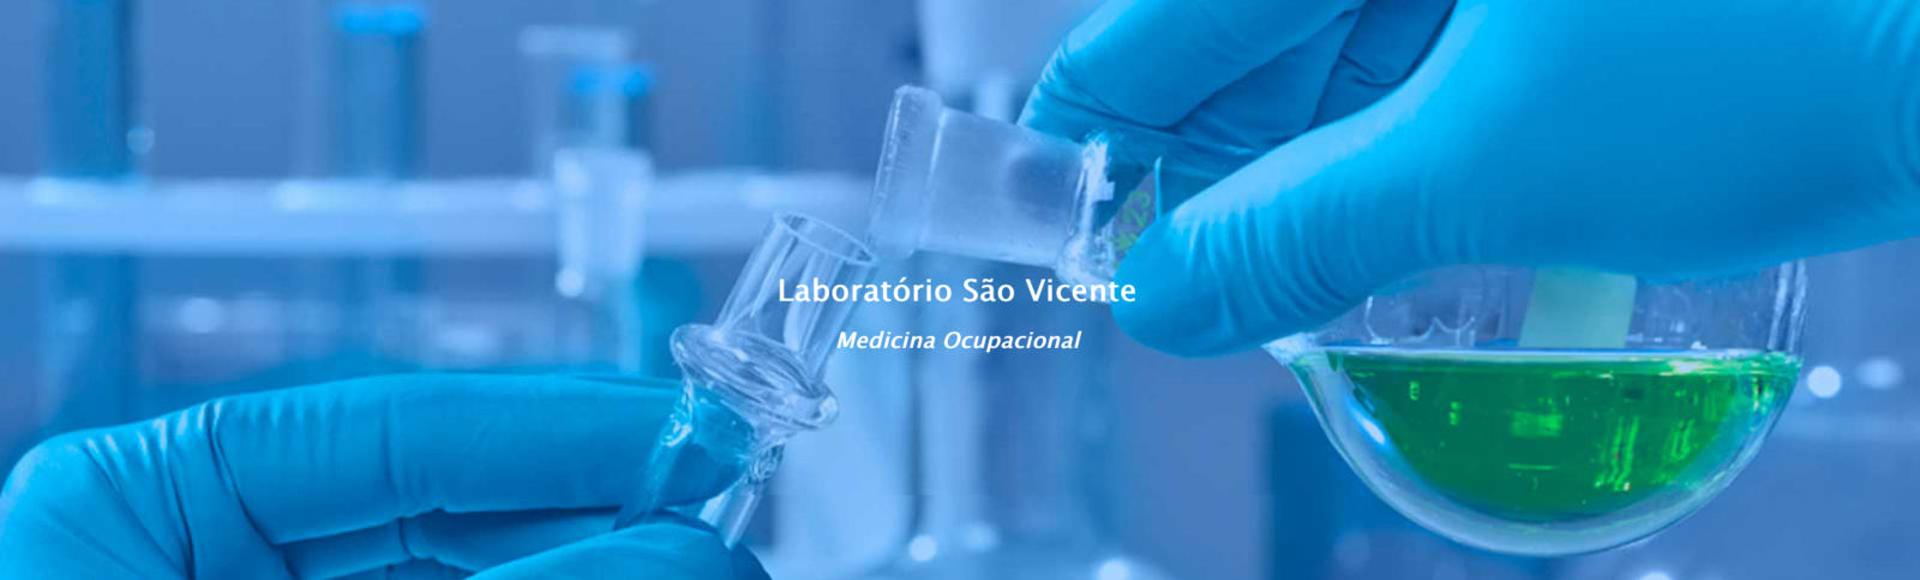 Laboratório de Análises São Vicente 2